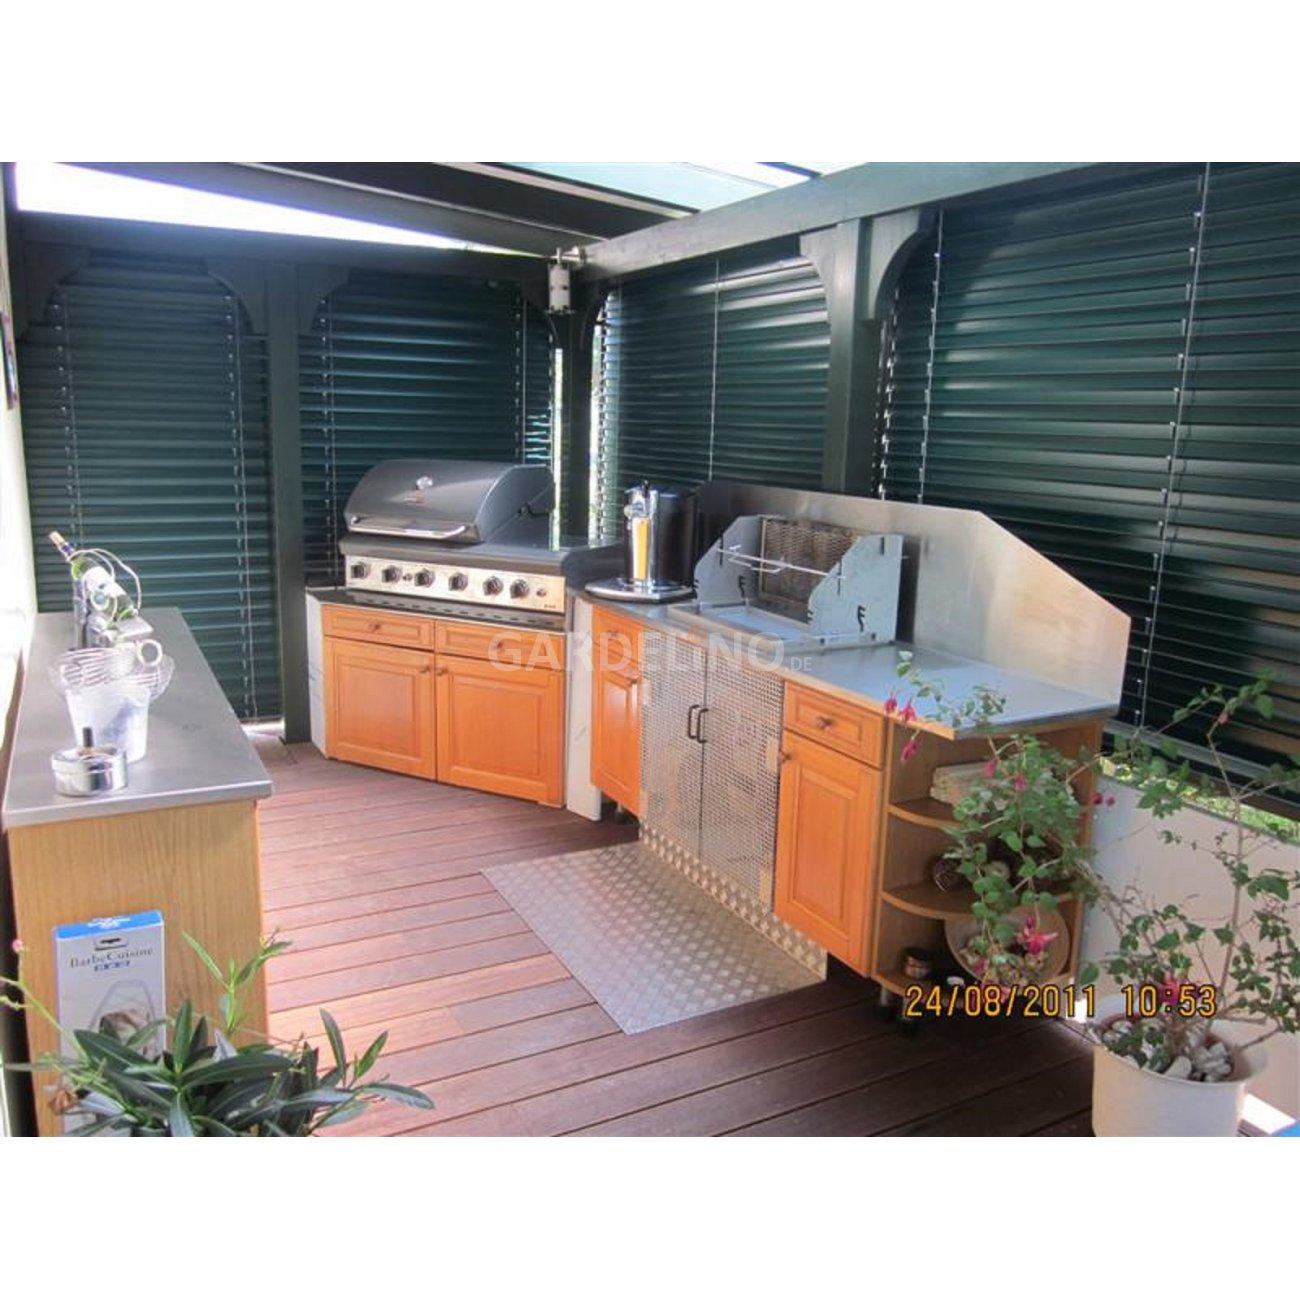 gartenk che mit gas einbaugrill und kohlegrill. Black Bedroom Furniture Sets. Home Design Ideas